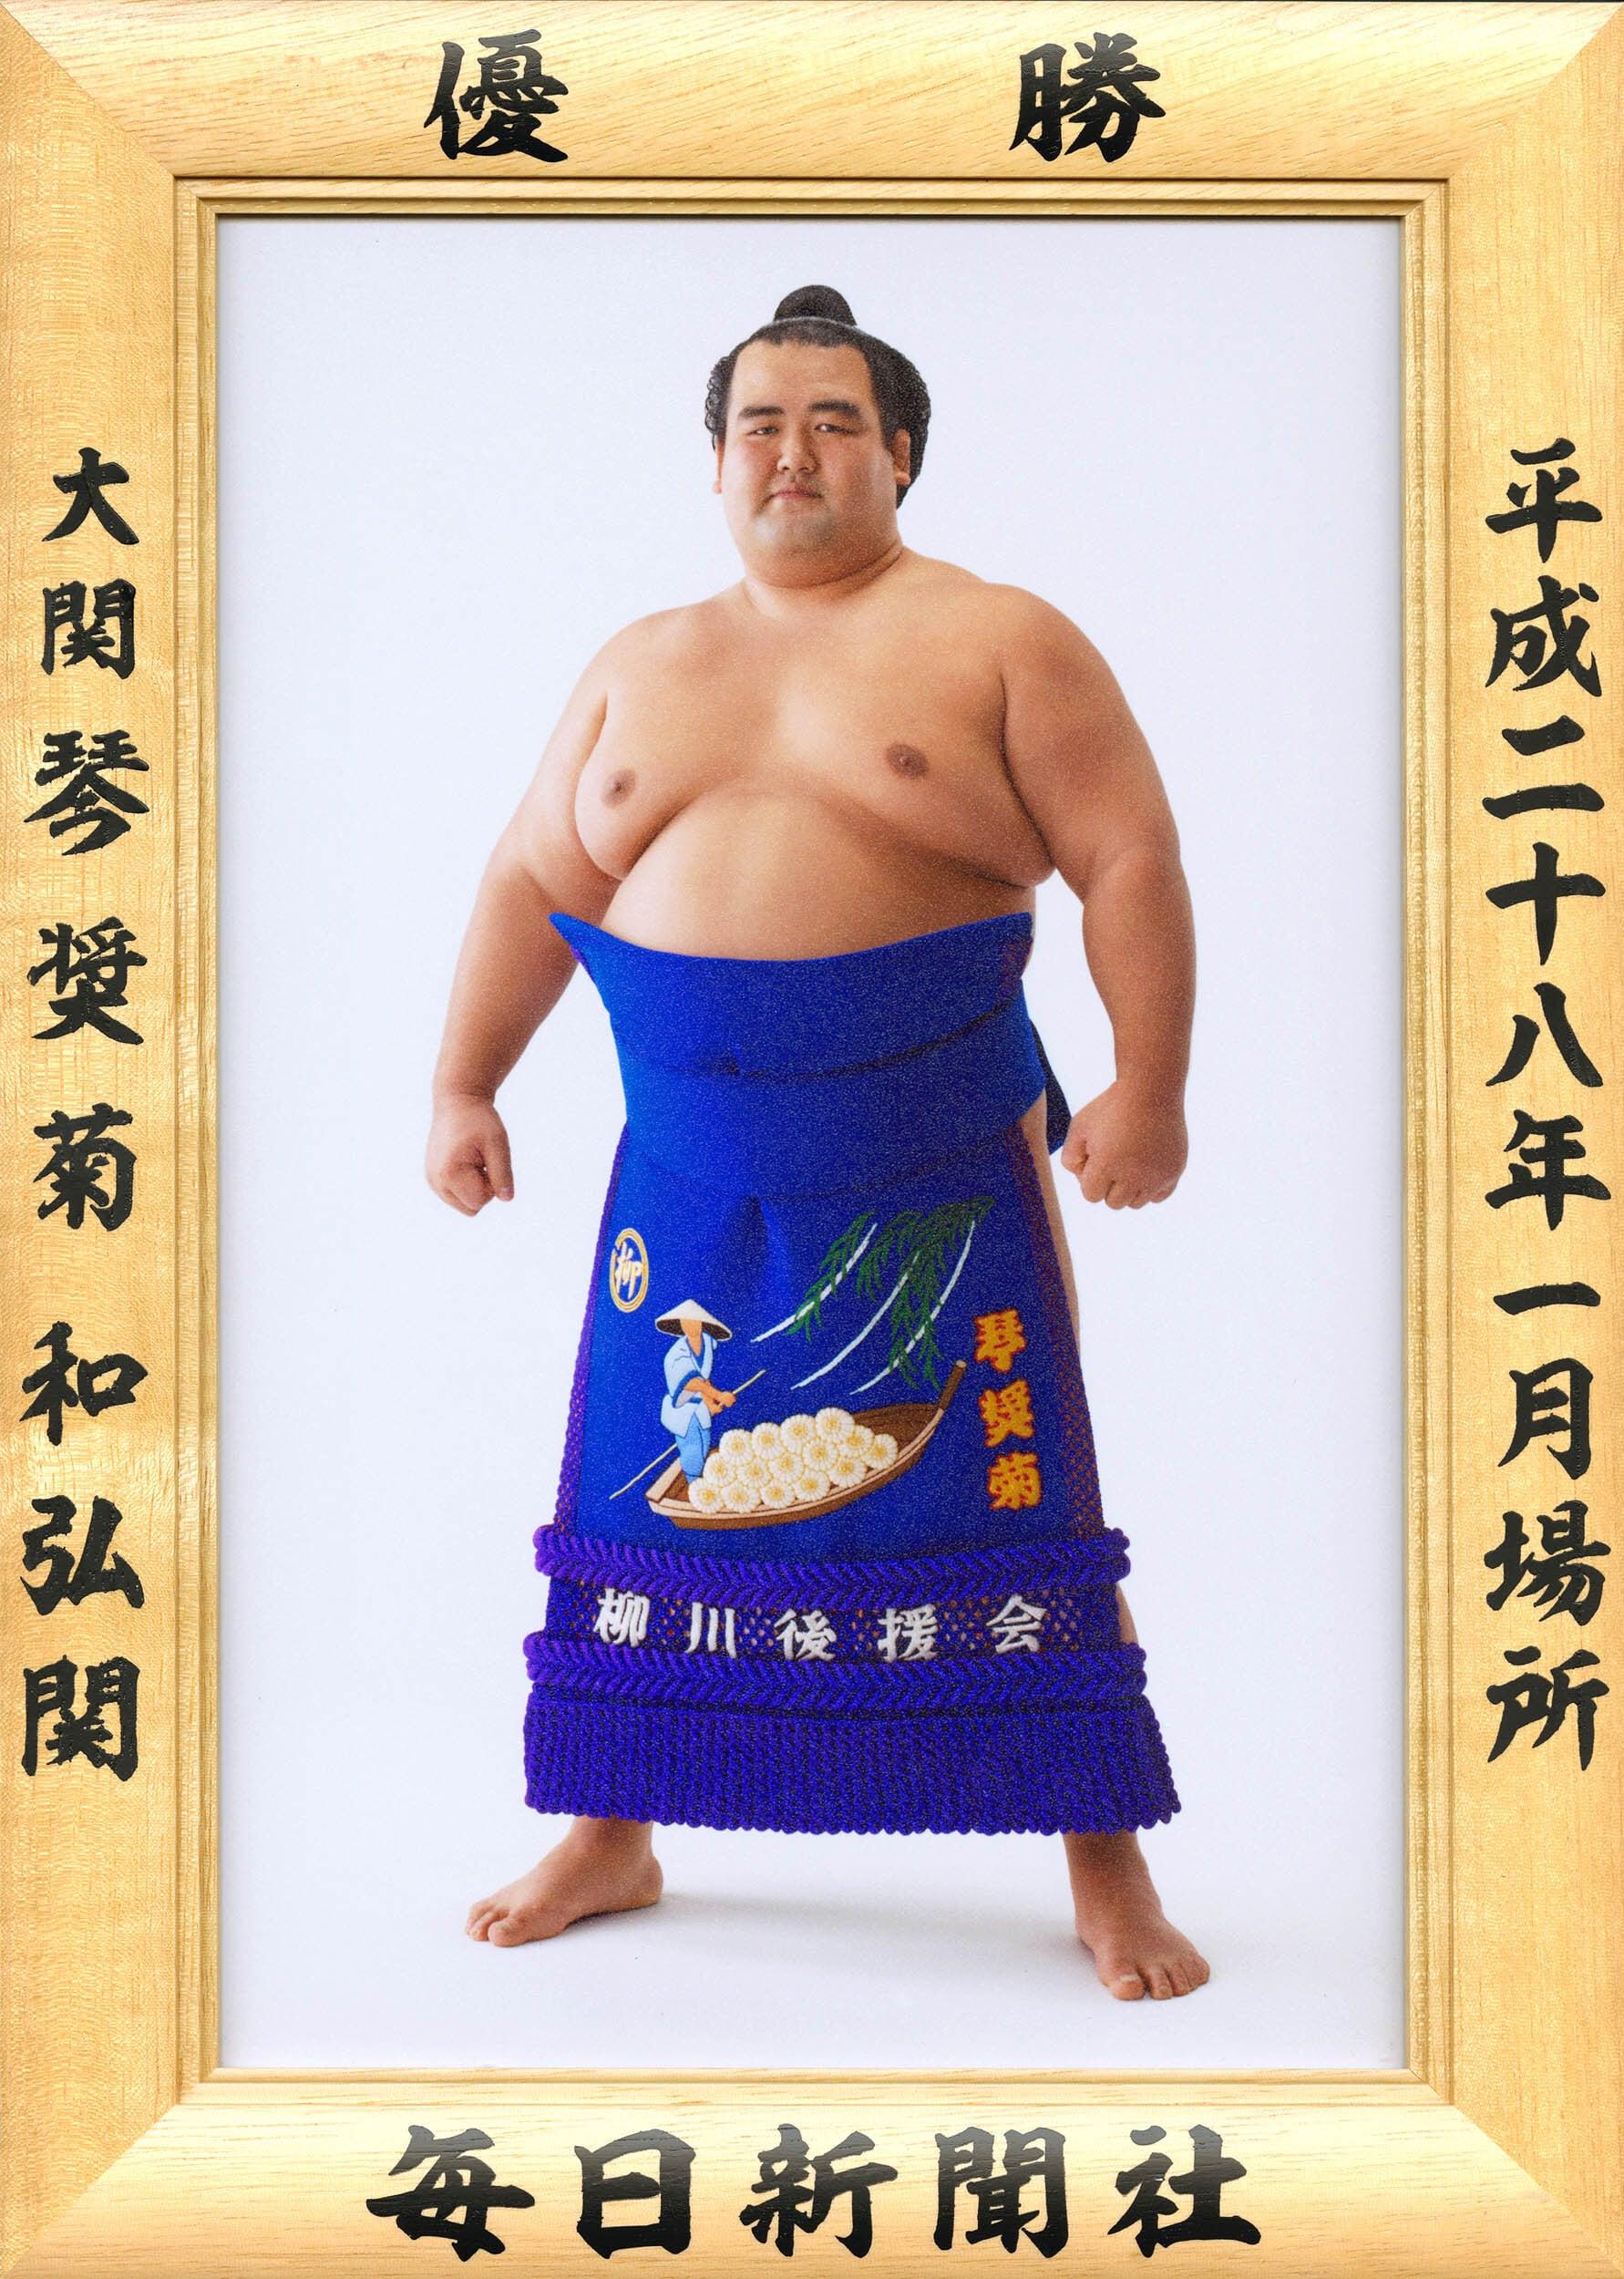 大相撲優勝額 平成28年1月場所・琴奨菊関